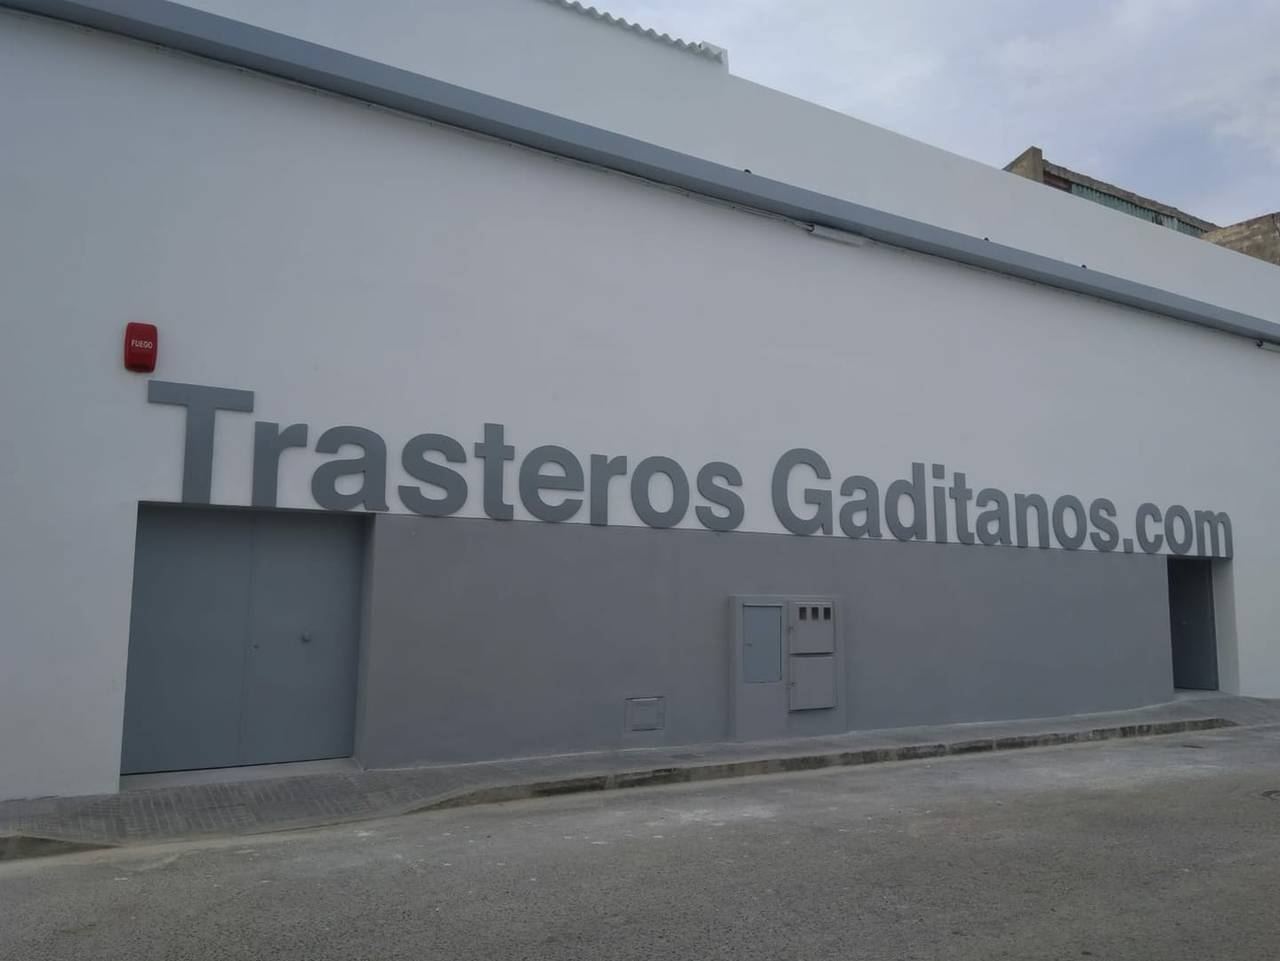 ALQUILER DE TRASTEROS EN CADIZ CAPITAL  - Foto 1